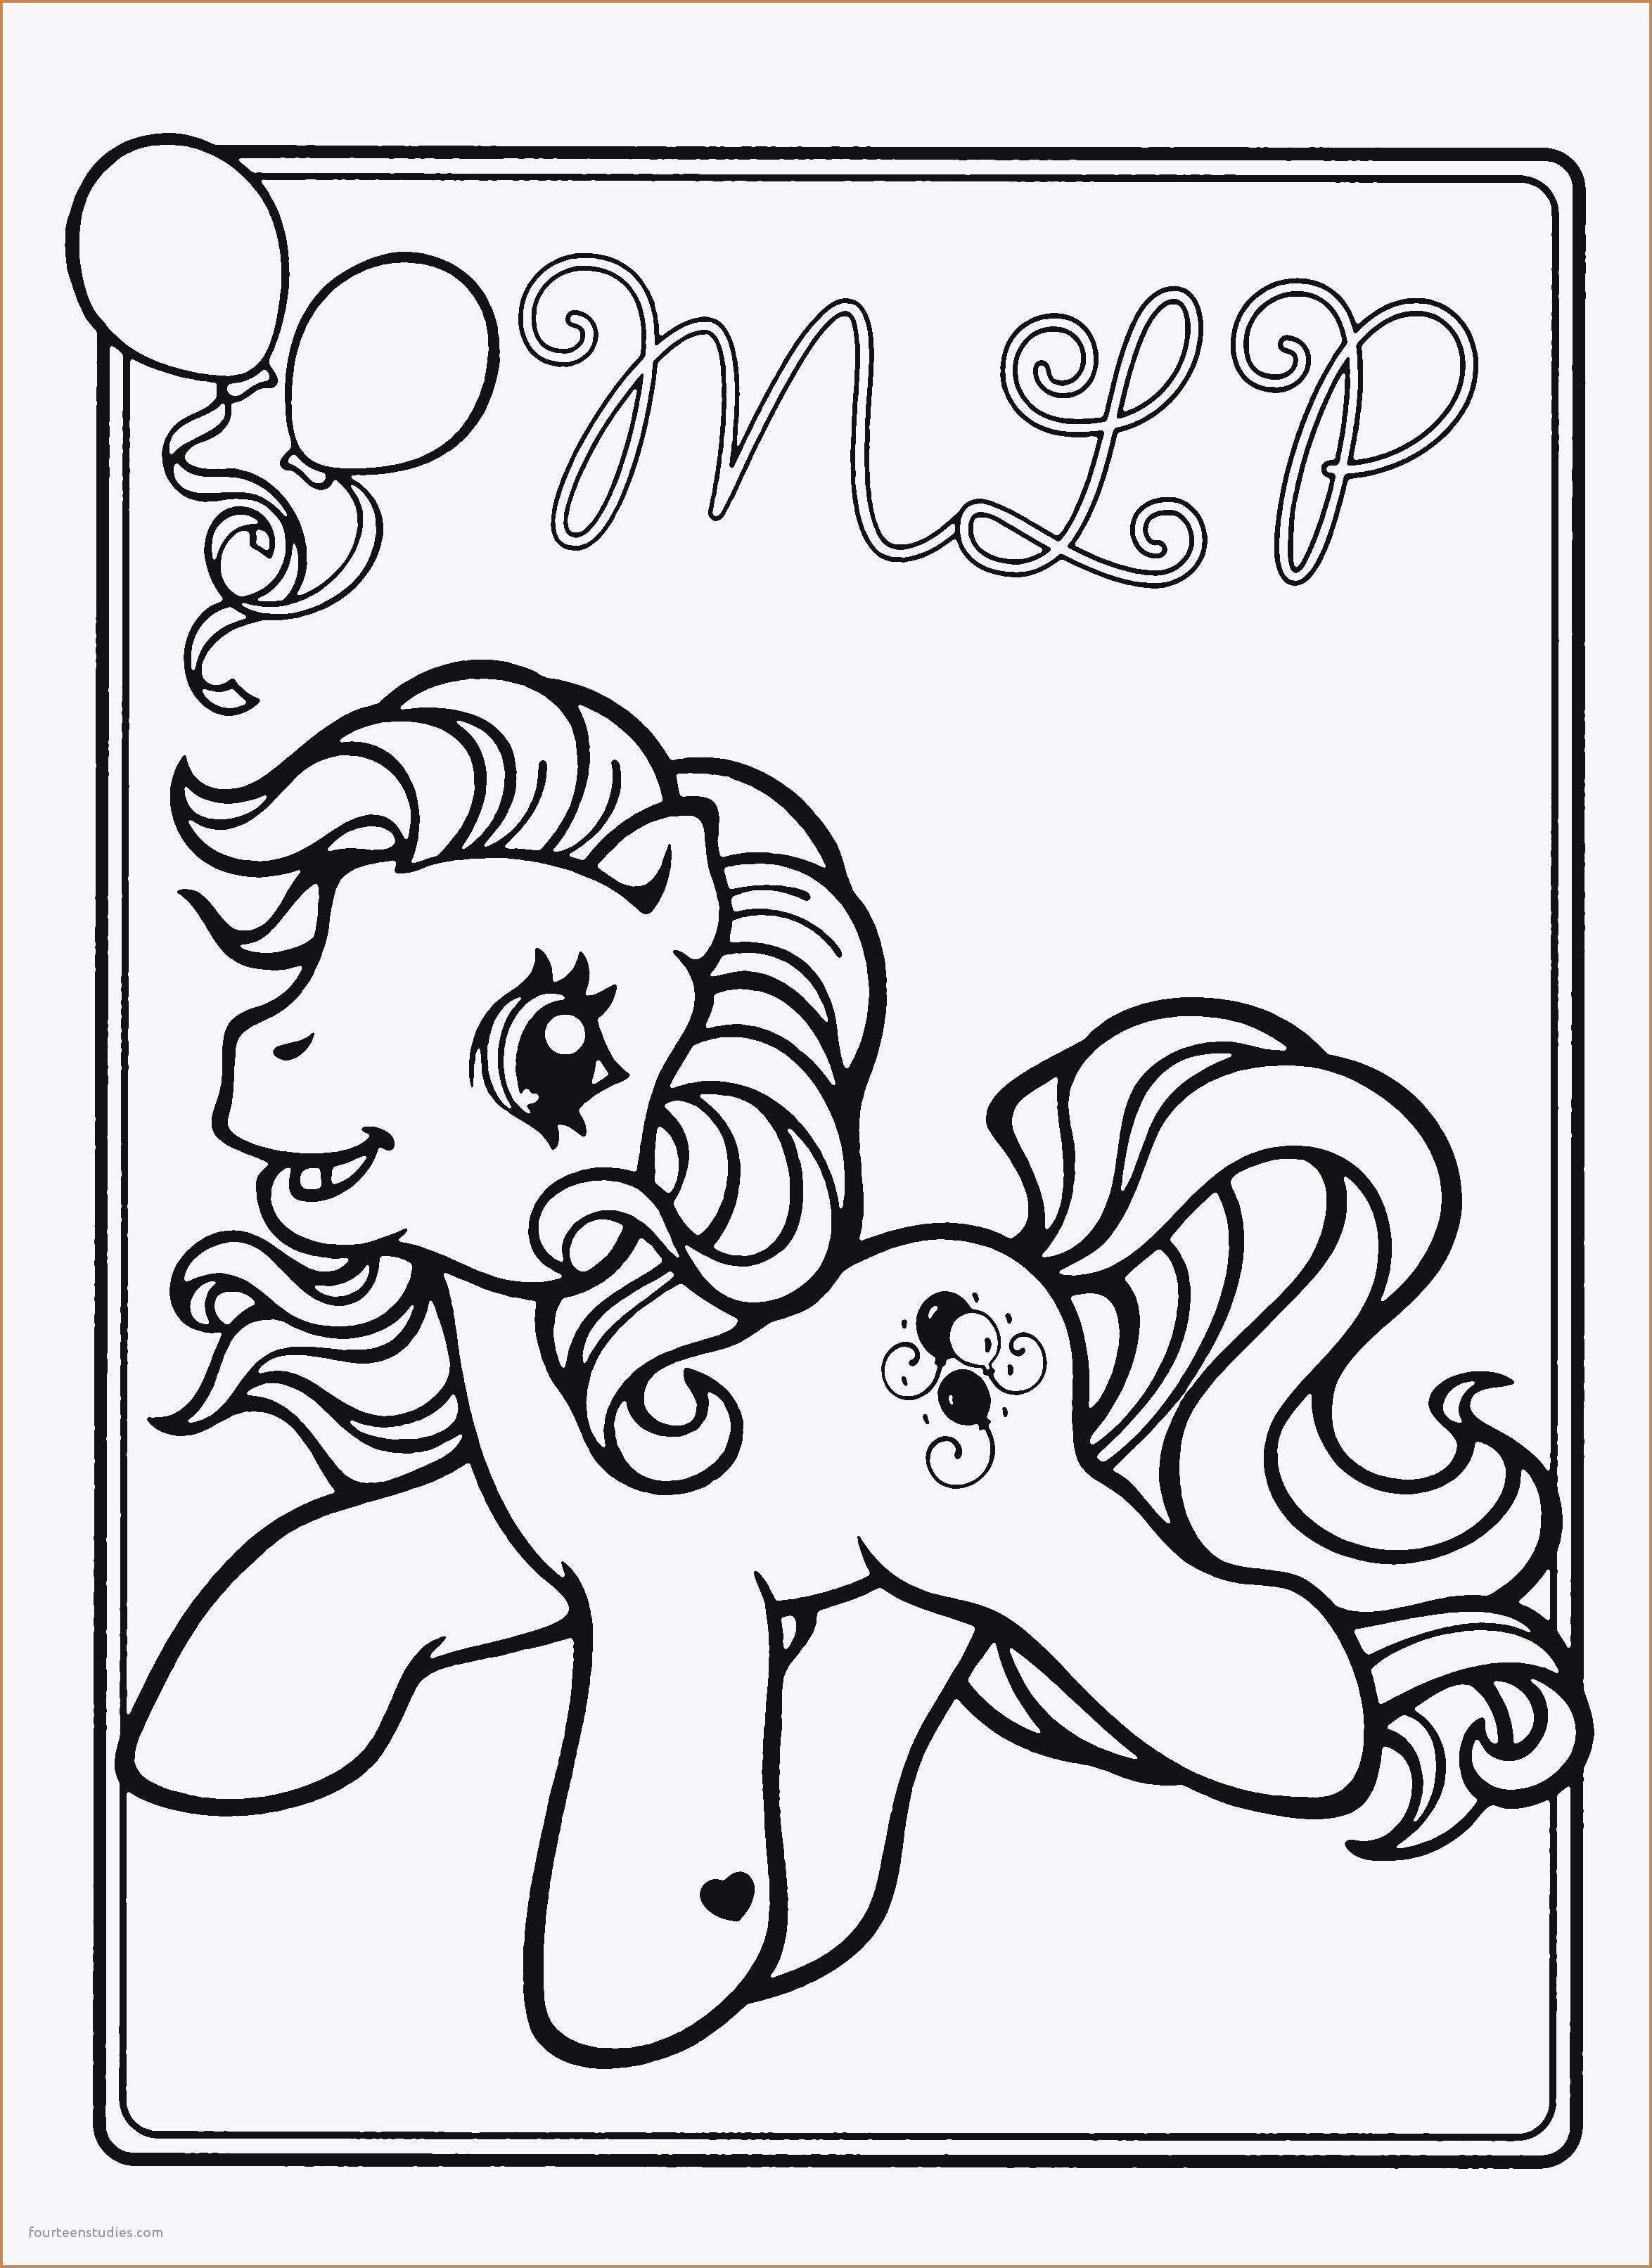 My Little Pony Equestria Girls Ausmalbilder Inspirierend Herunterladbare Malvorlagen Reizvolle 35 Ausmalbilder My Little Pony Galerie